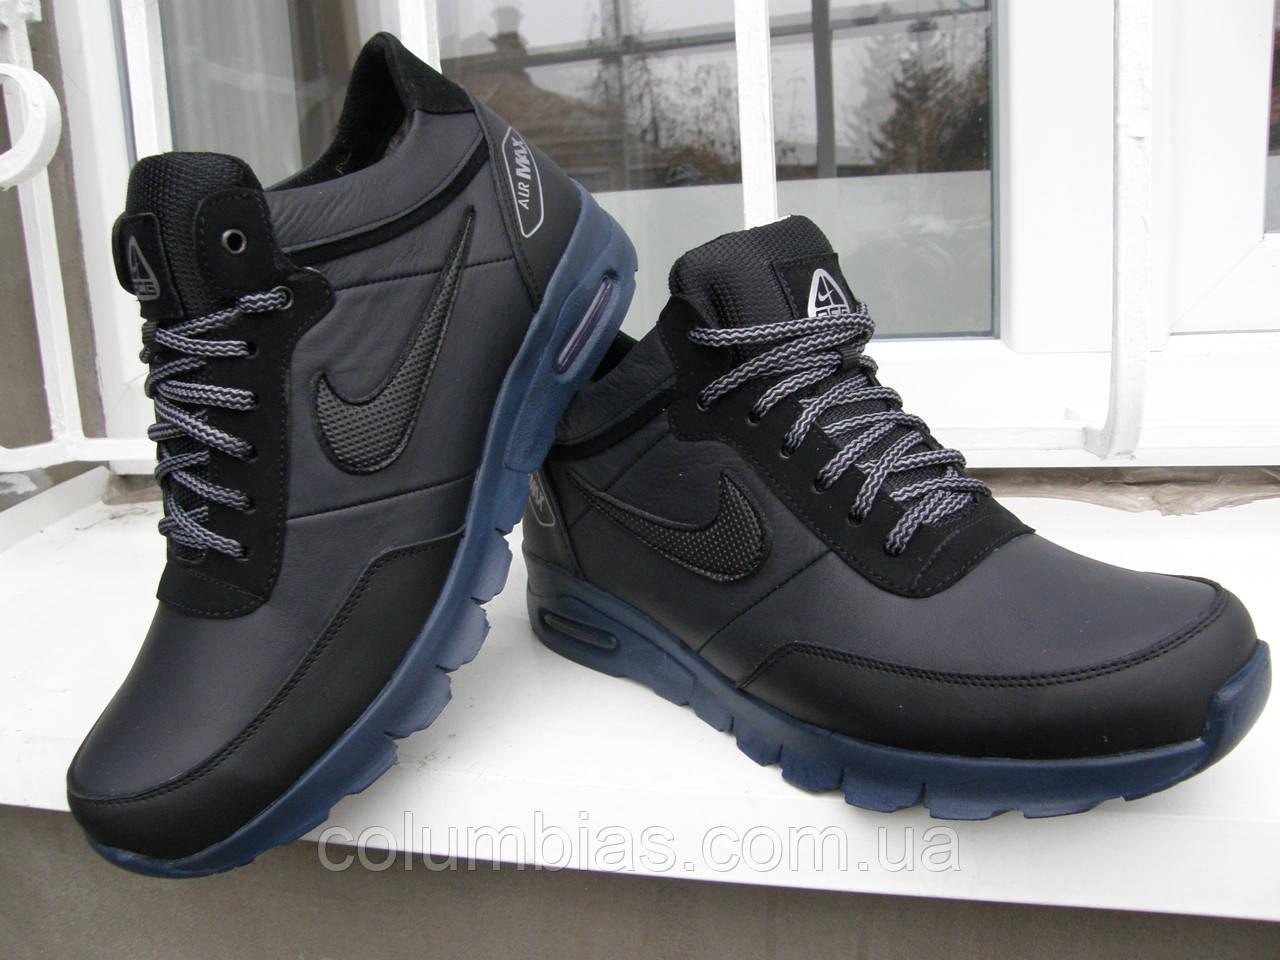 55750e49 Зимние кроссовки Nike облегчённые - Весь ассортимент в наличии, звоните в  любое время т.